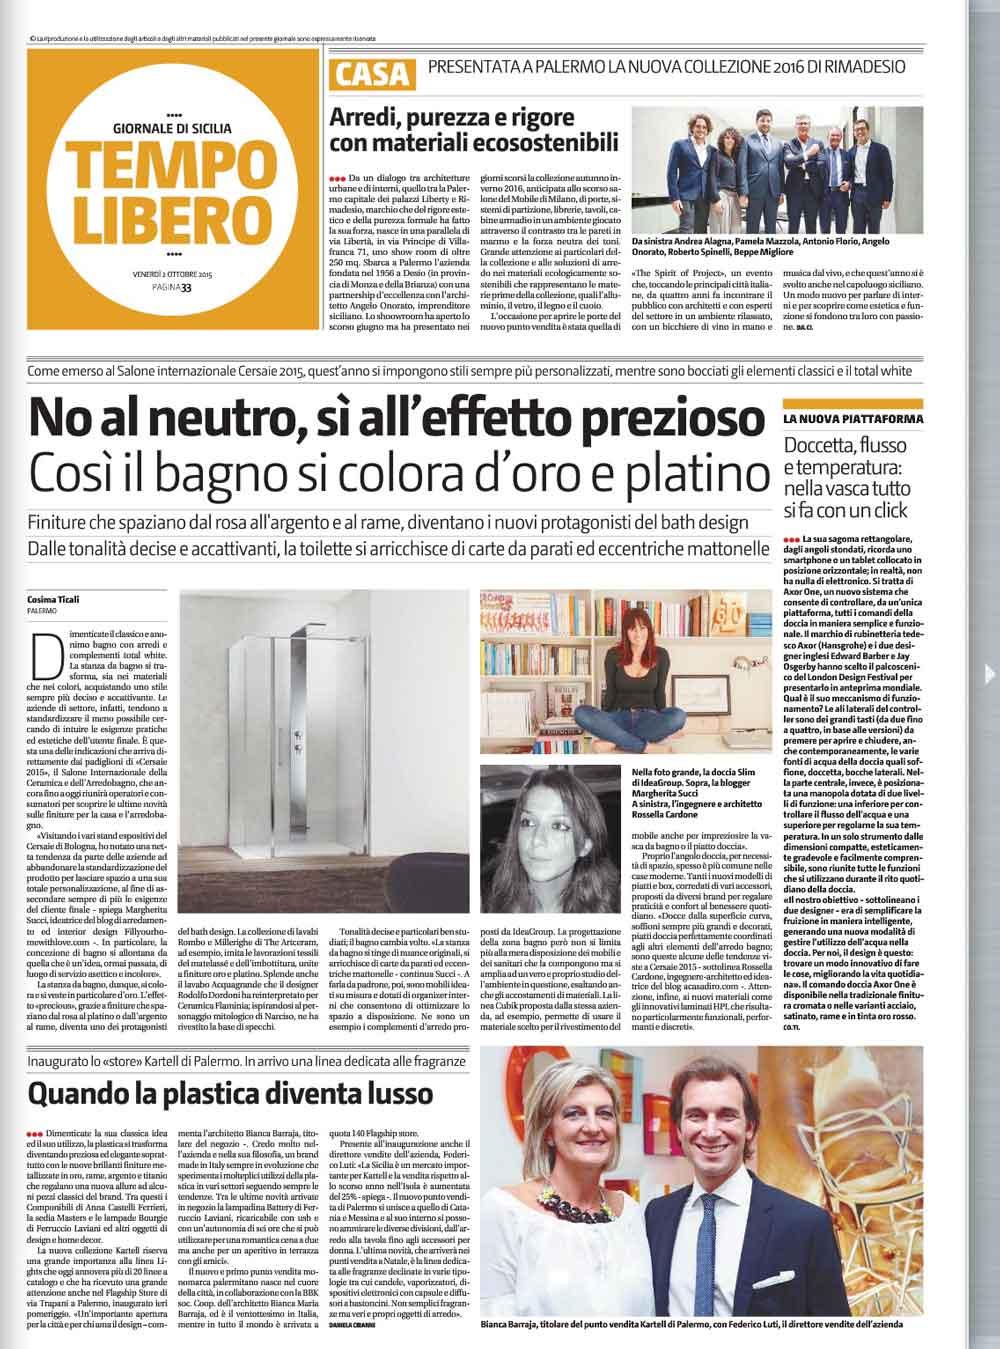 giornale di sicilia intervista margherita succi